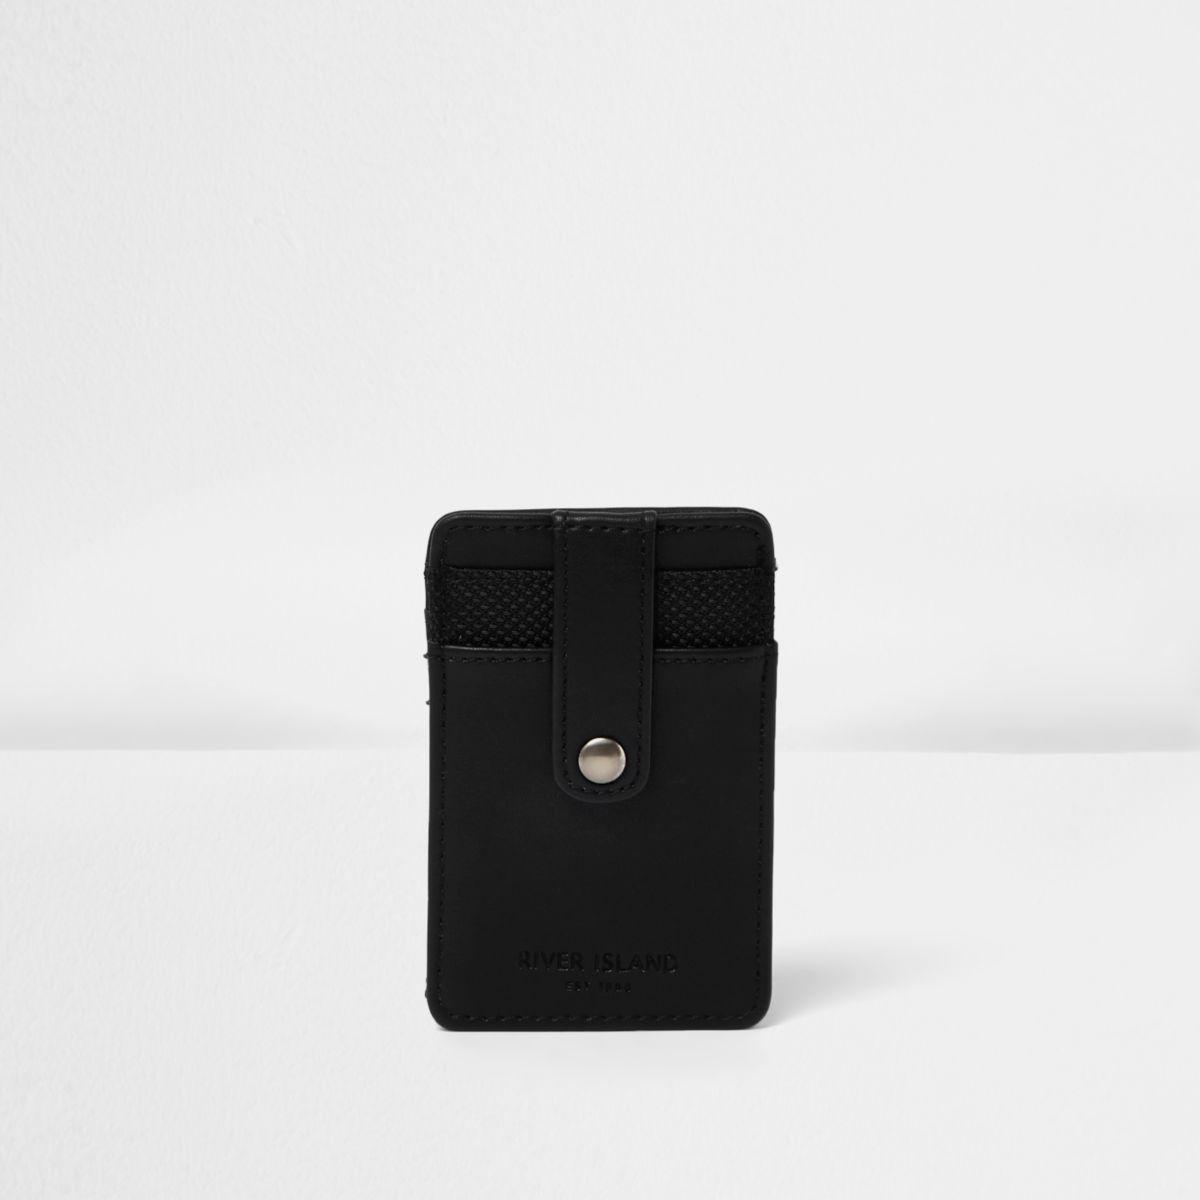 Schwarzes Kartenetui mit Druckknopf